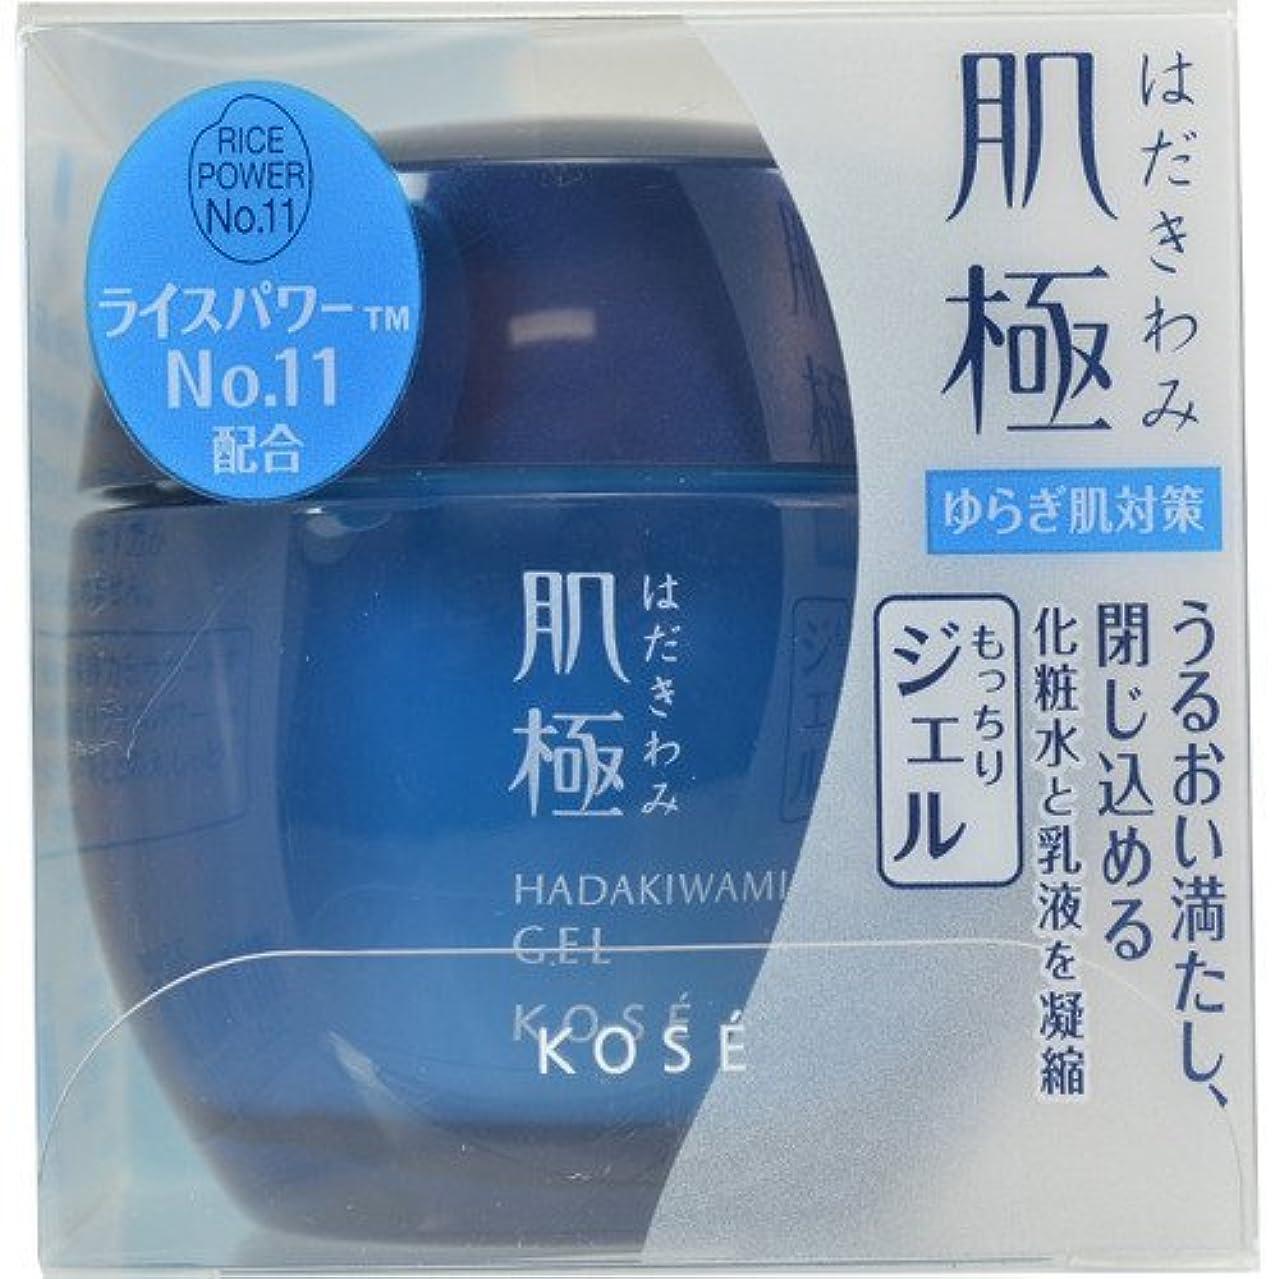 誘惑バリー香り肌極 化粧液(ジェル) 40g [並行輸入品]